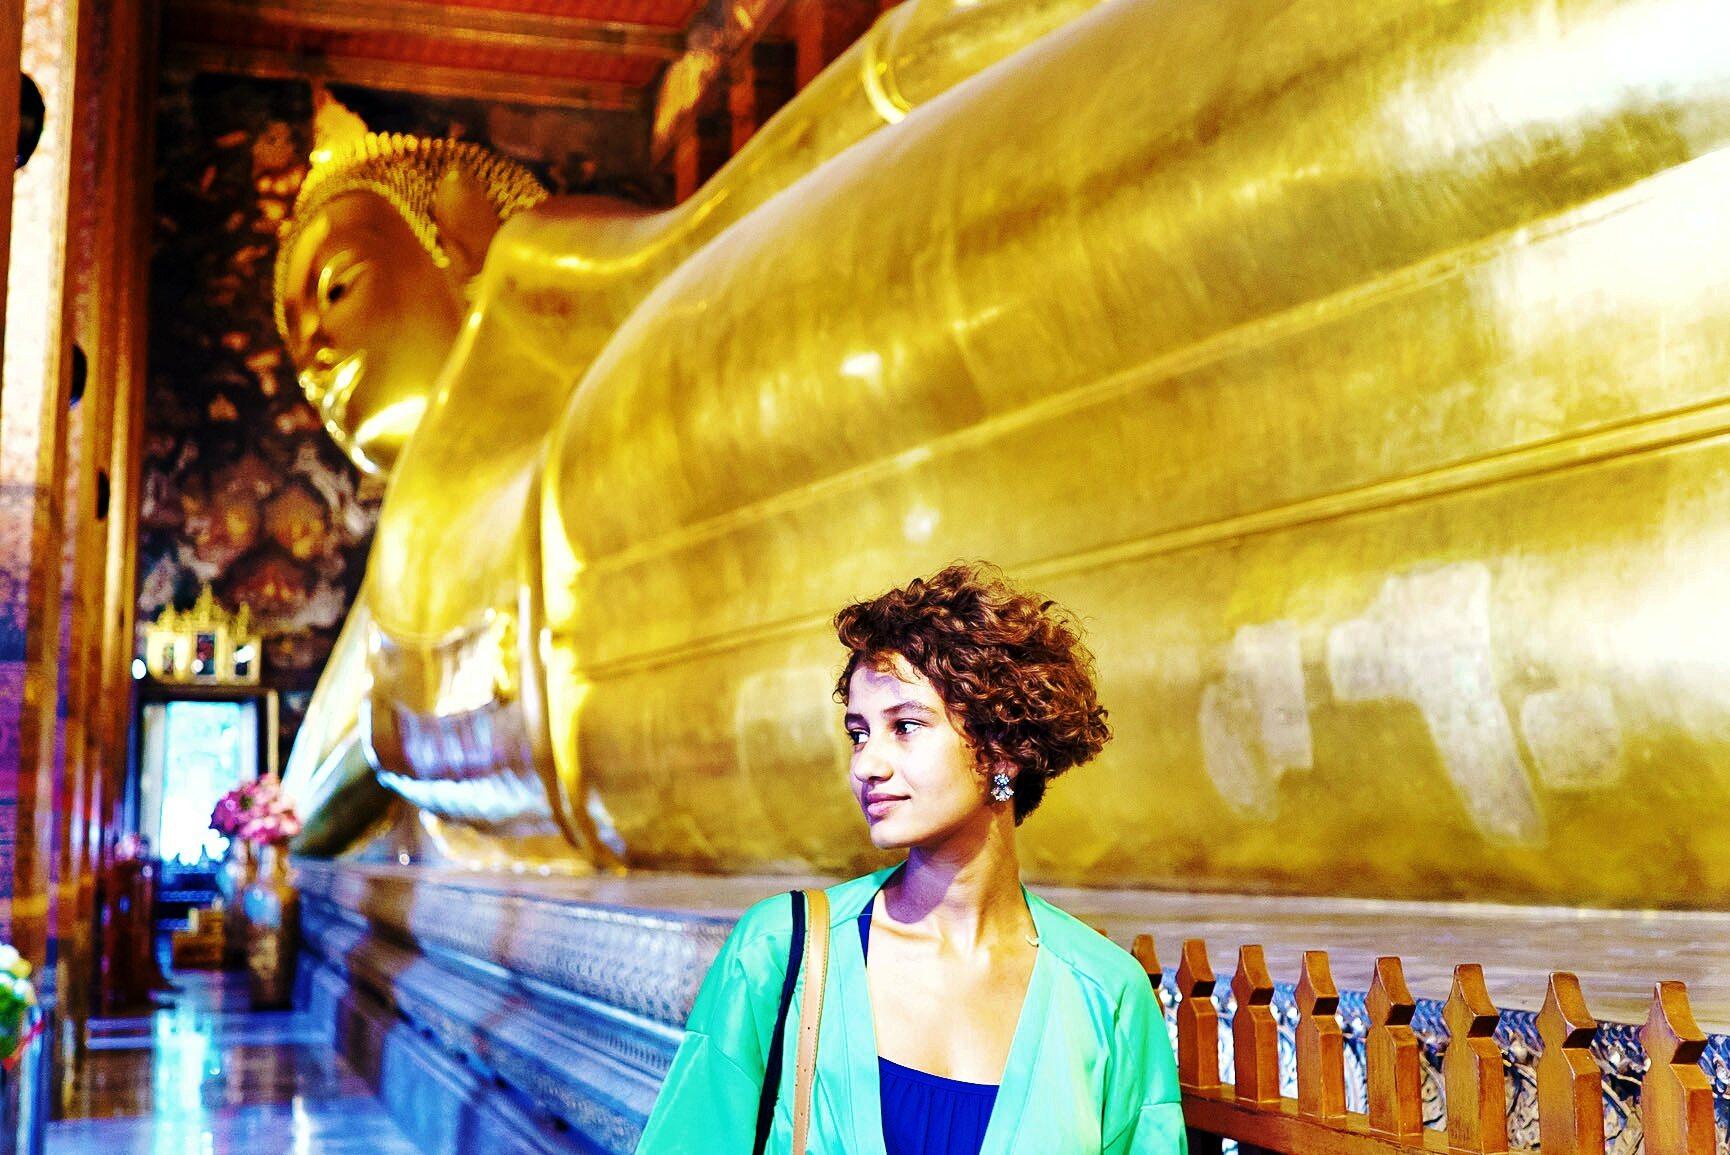 Thailand : Bangkok diaries day 2 (Grand Palace, Wat Pho and Chinatown)